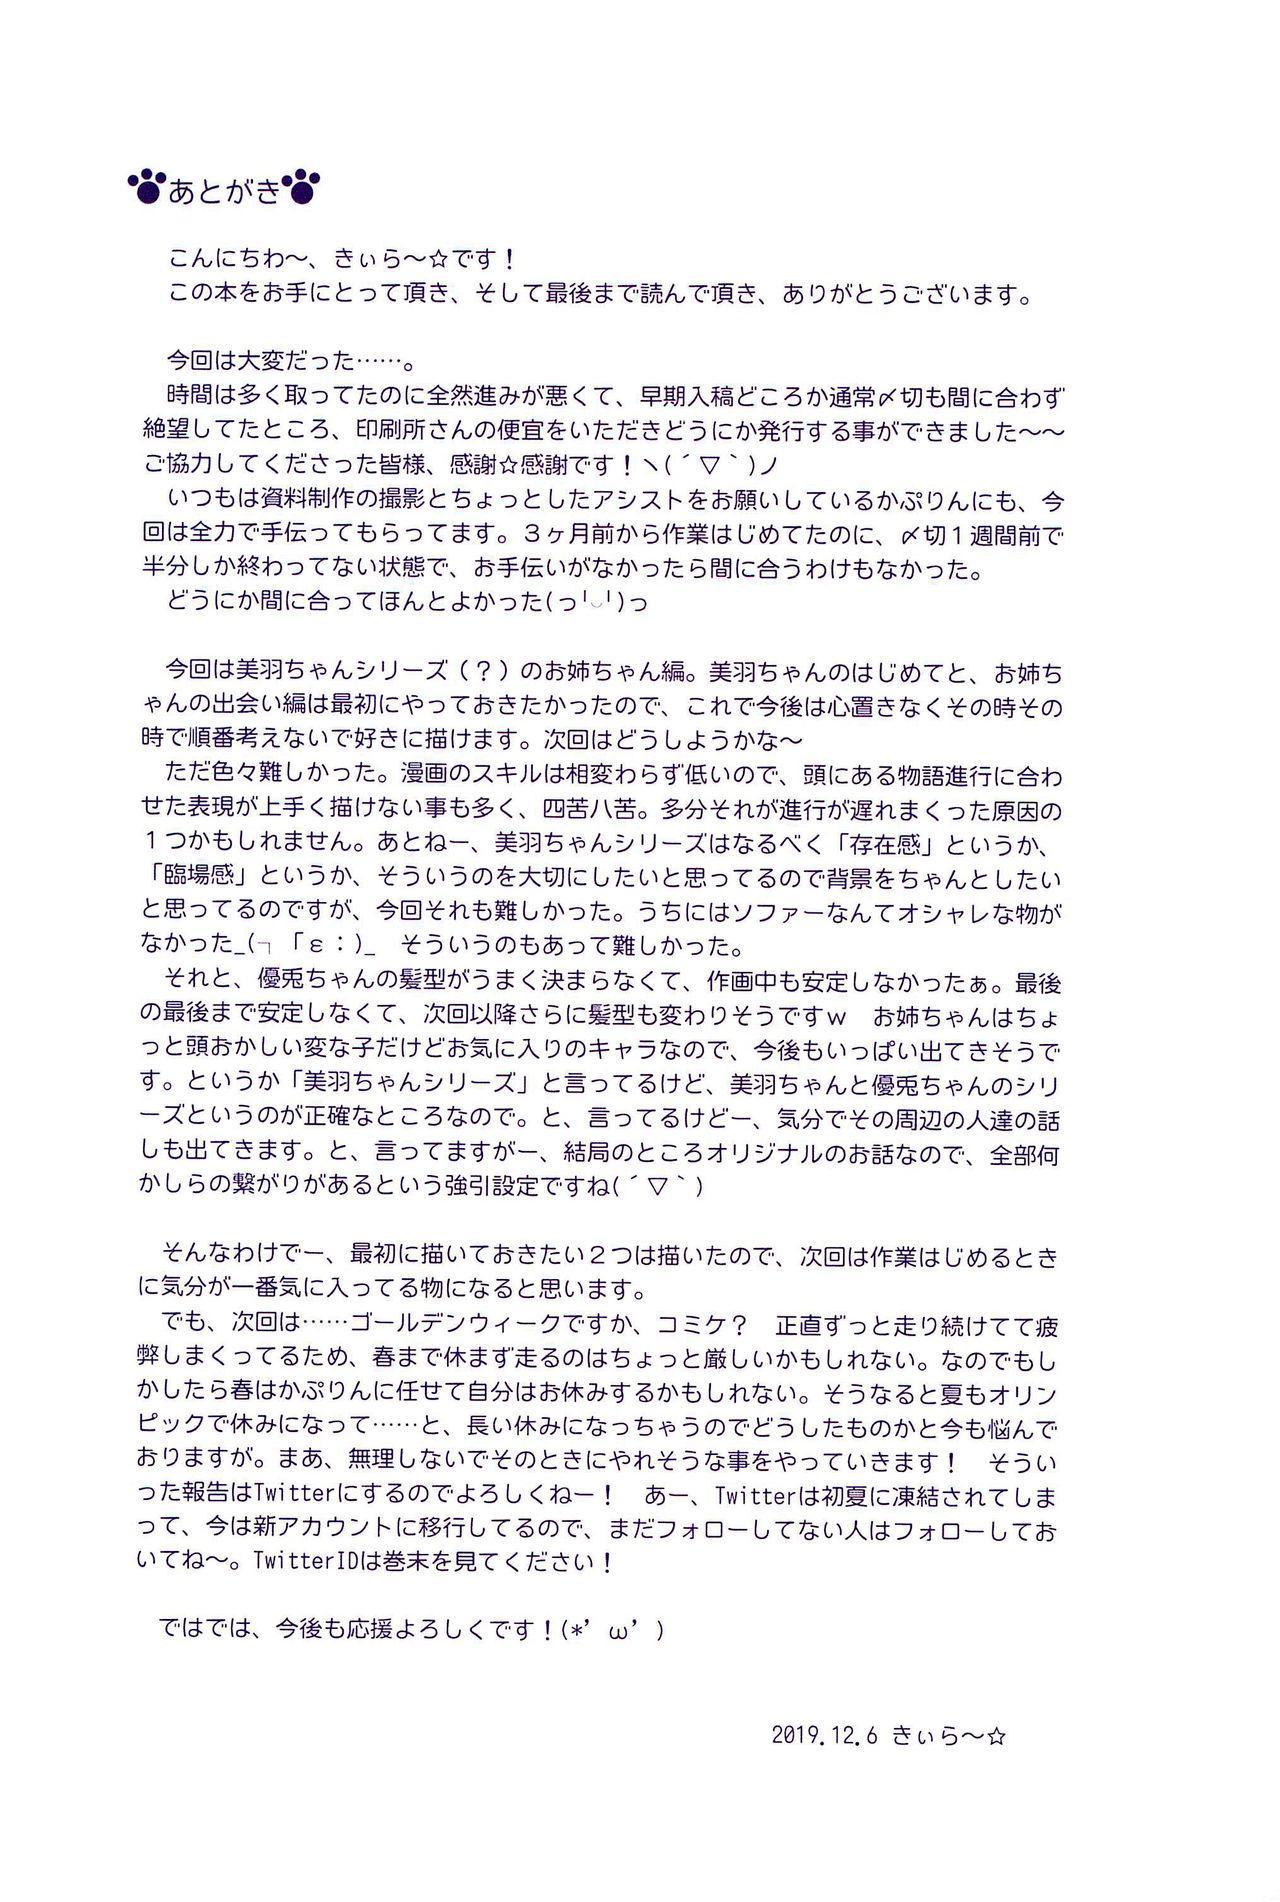 Yuh-chan no Ikenai Koukishin 28